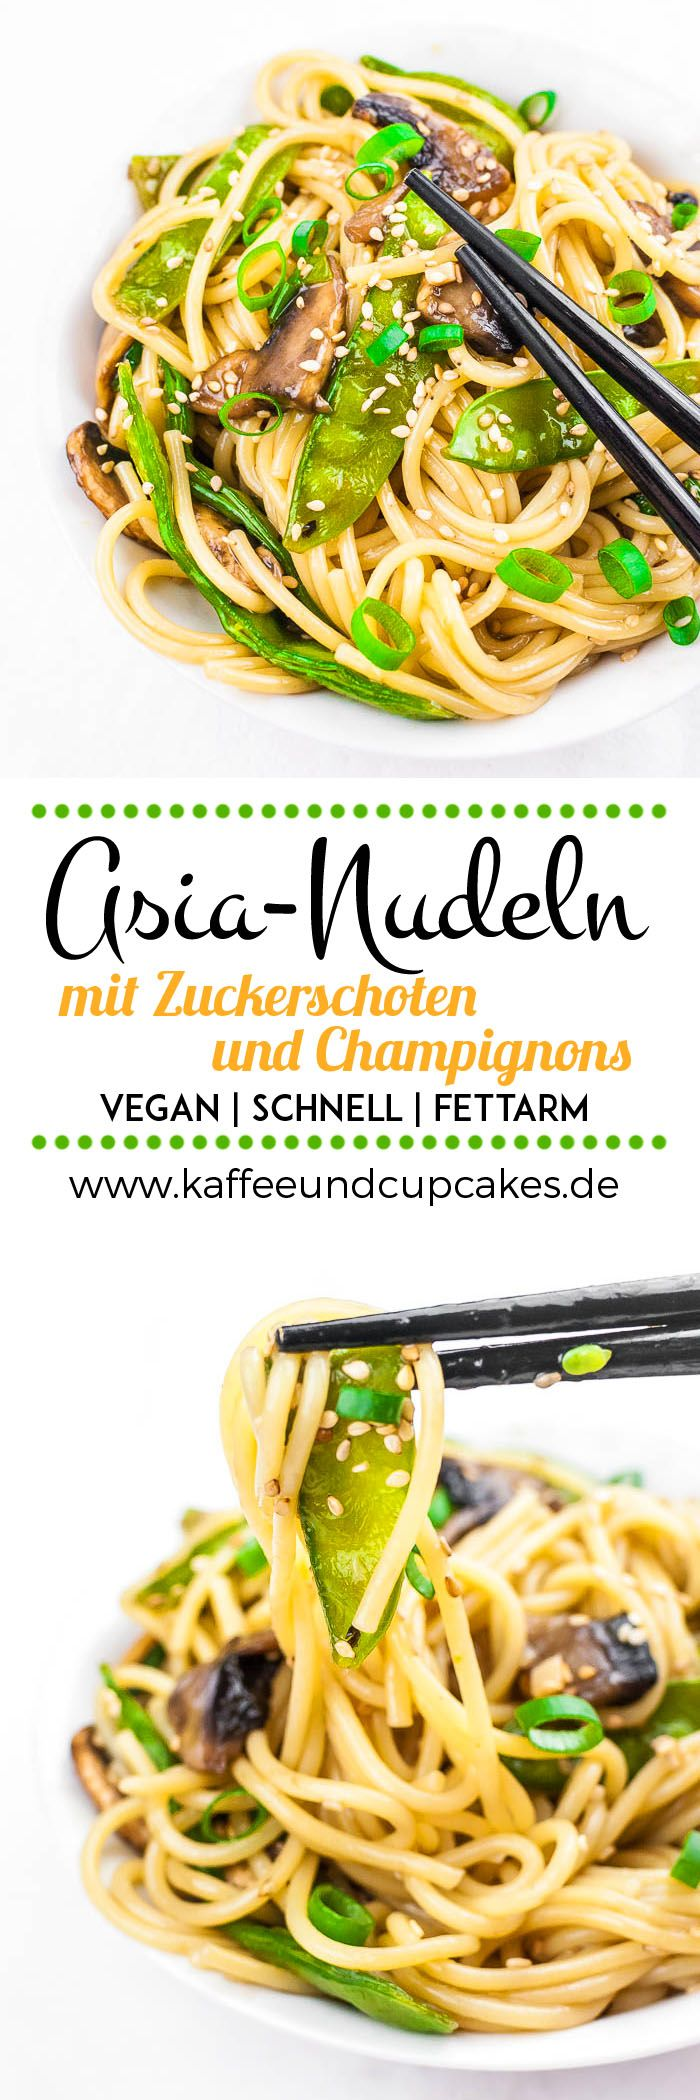 Asia-Nudeln mit Zuckerschoten und Champignons in unter 20 Minuten | Kaffee & Cupcakes #vegan